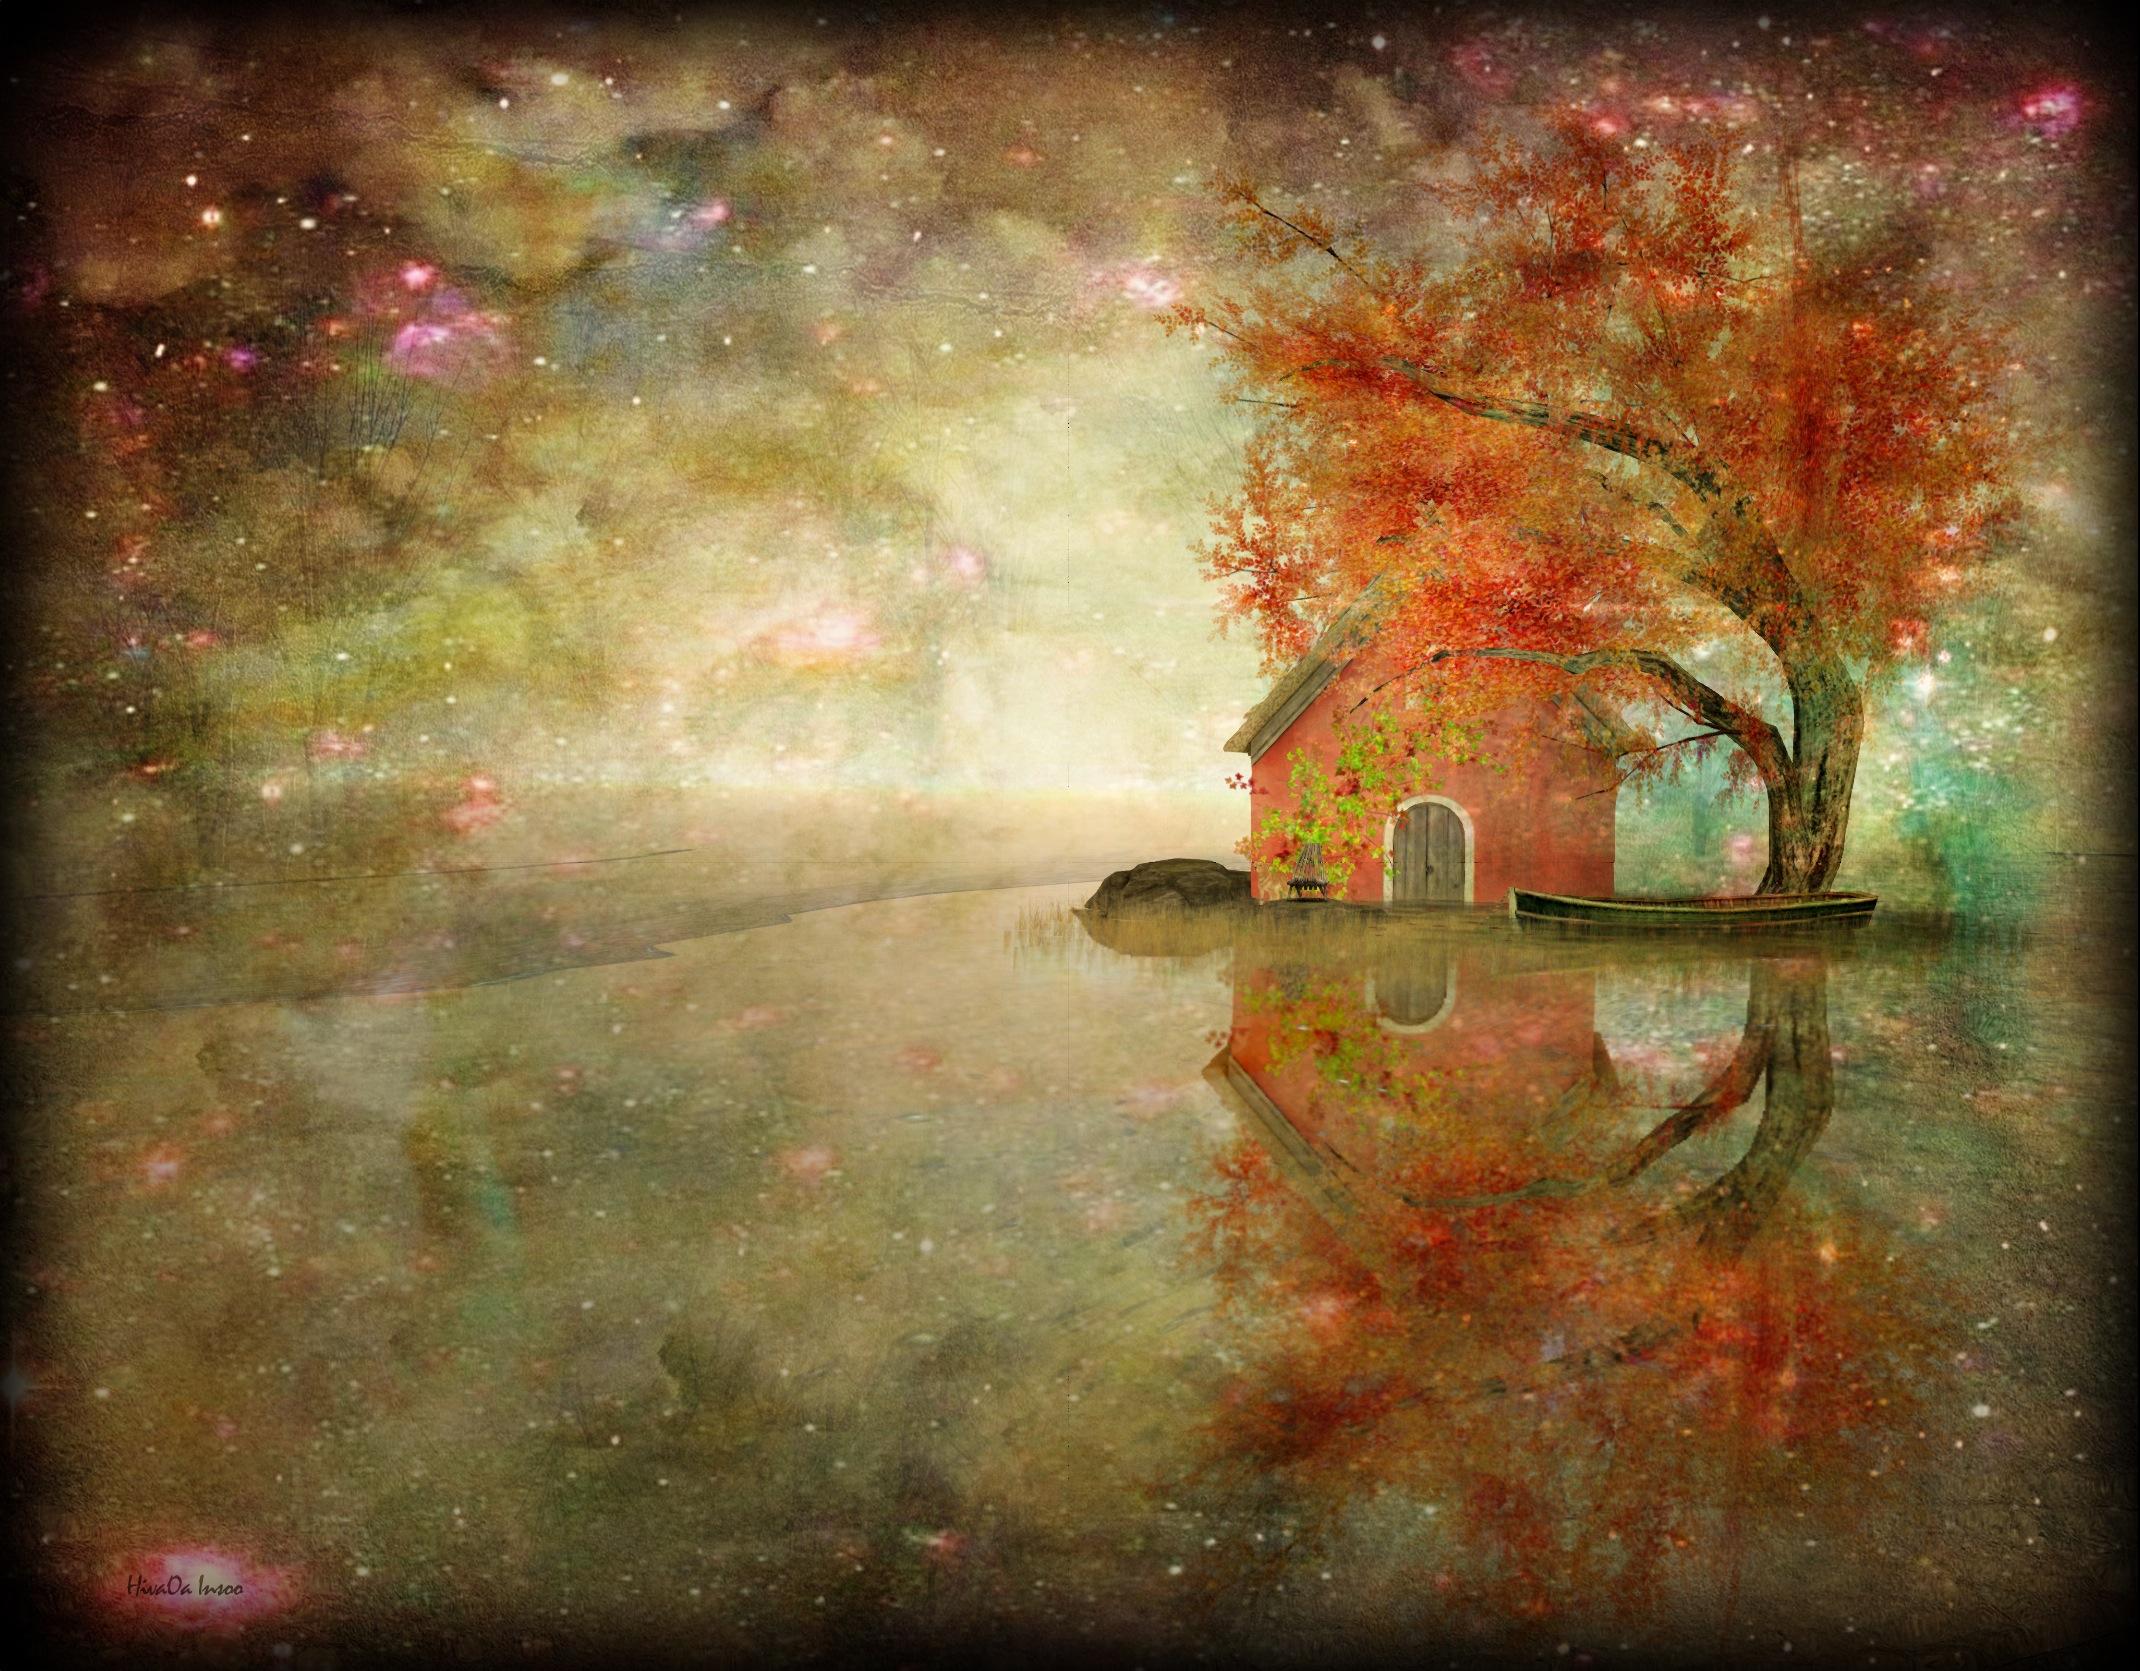 Fond D écran Paysage La Peinture Réflexion Nébuleuse Texture